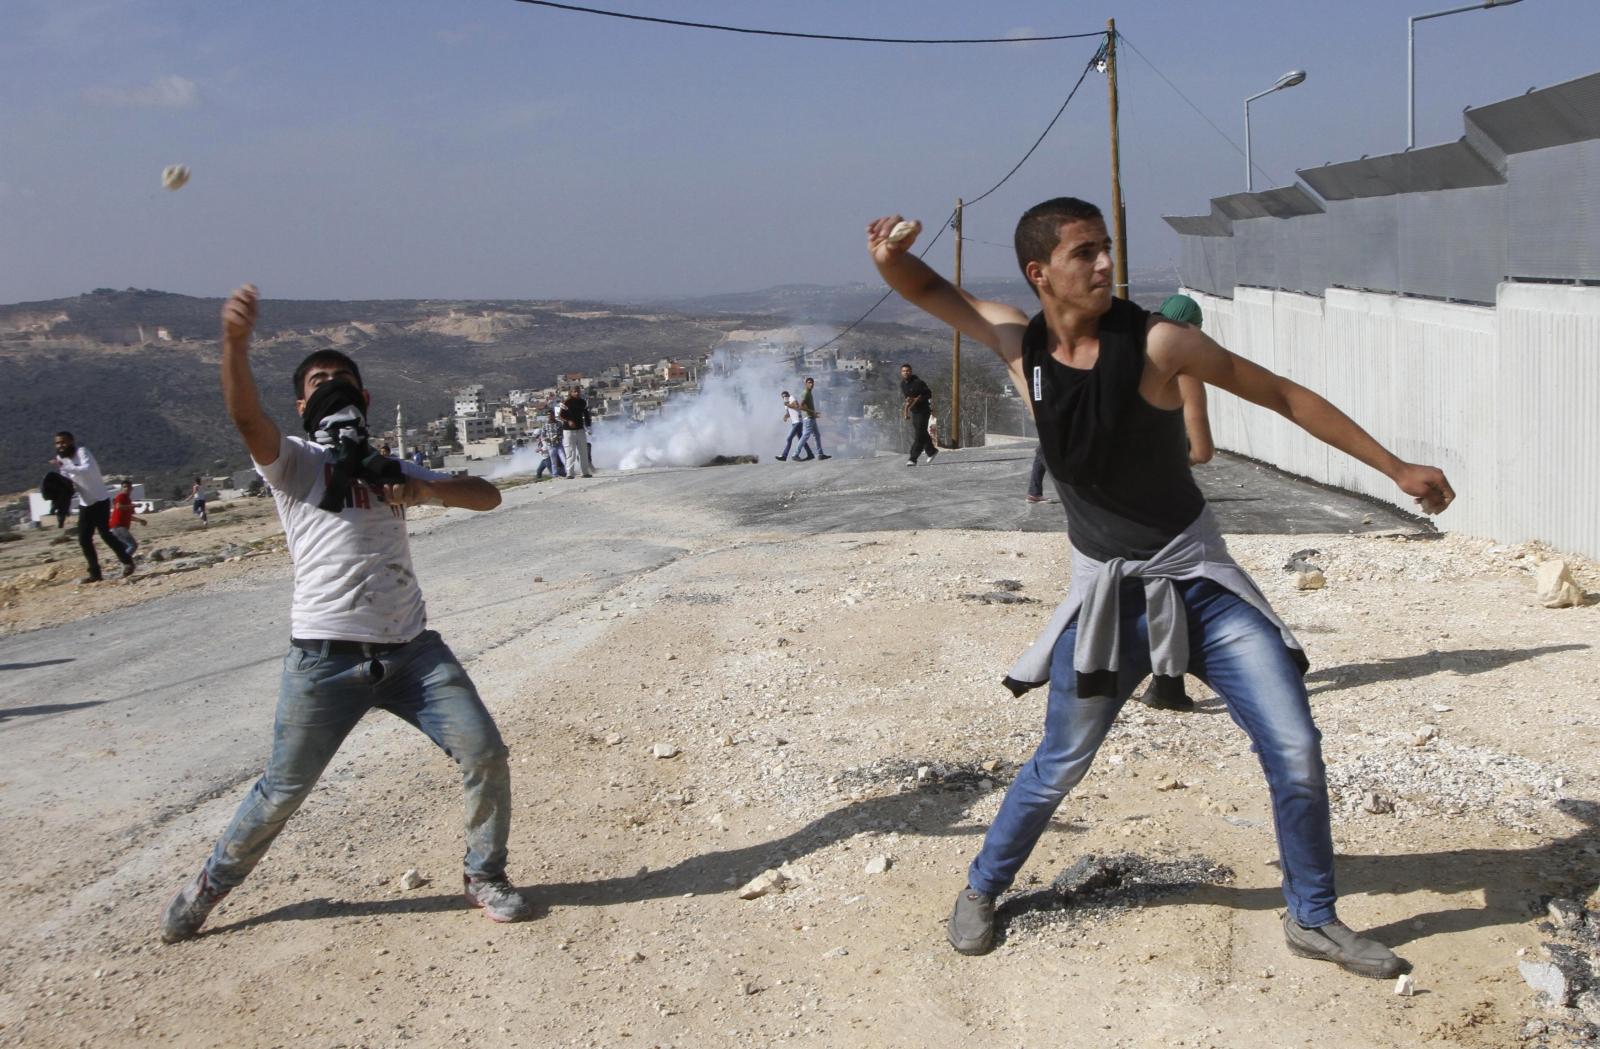 Jerusalem synagogue attack aftermath